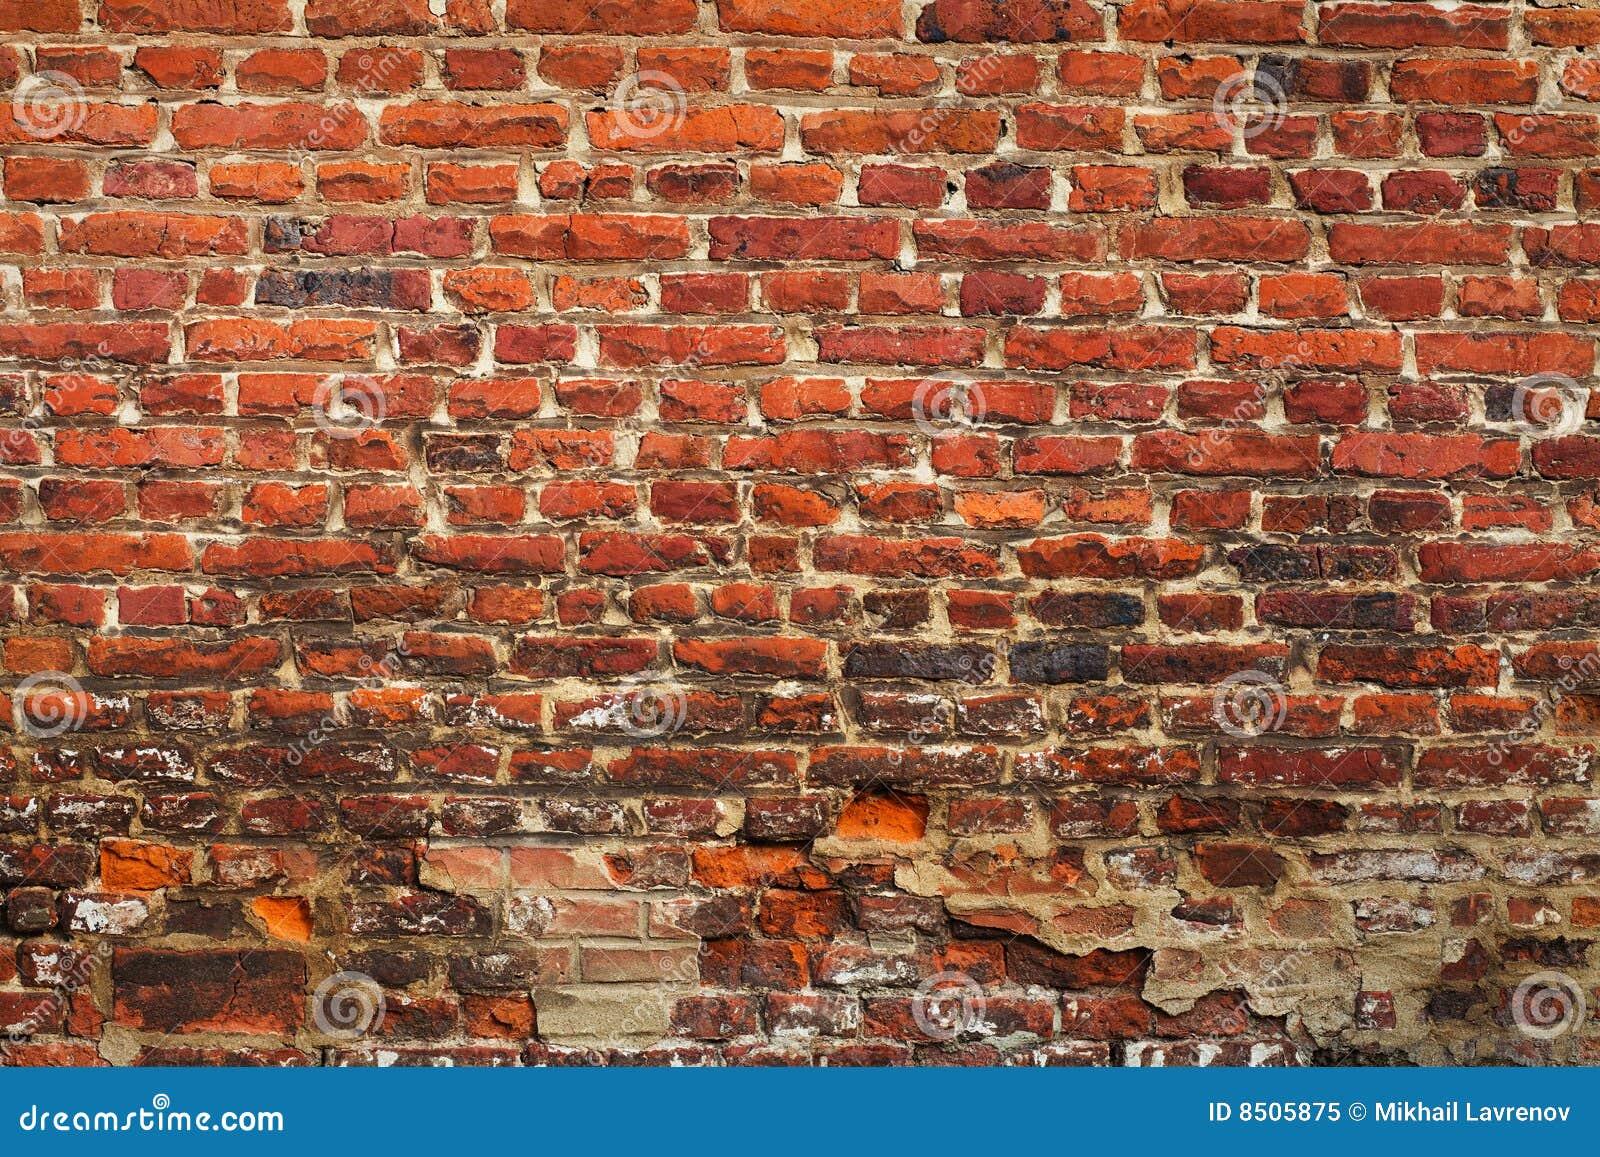 Old Brick Wall Royalty Free Stock Photo Image 8505875